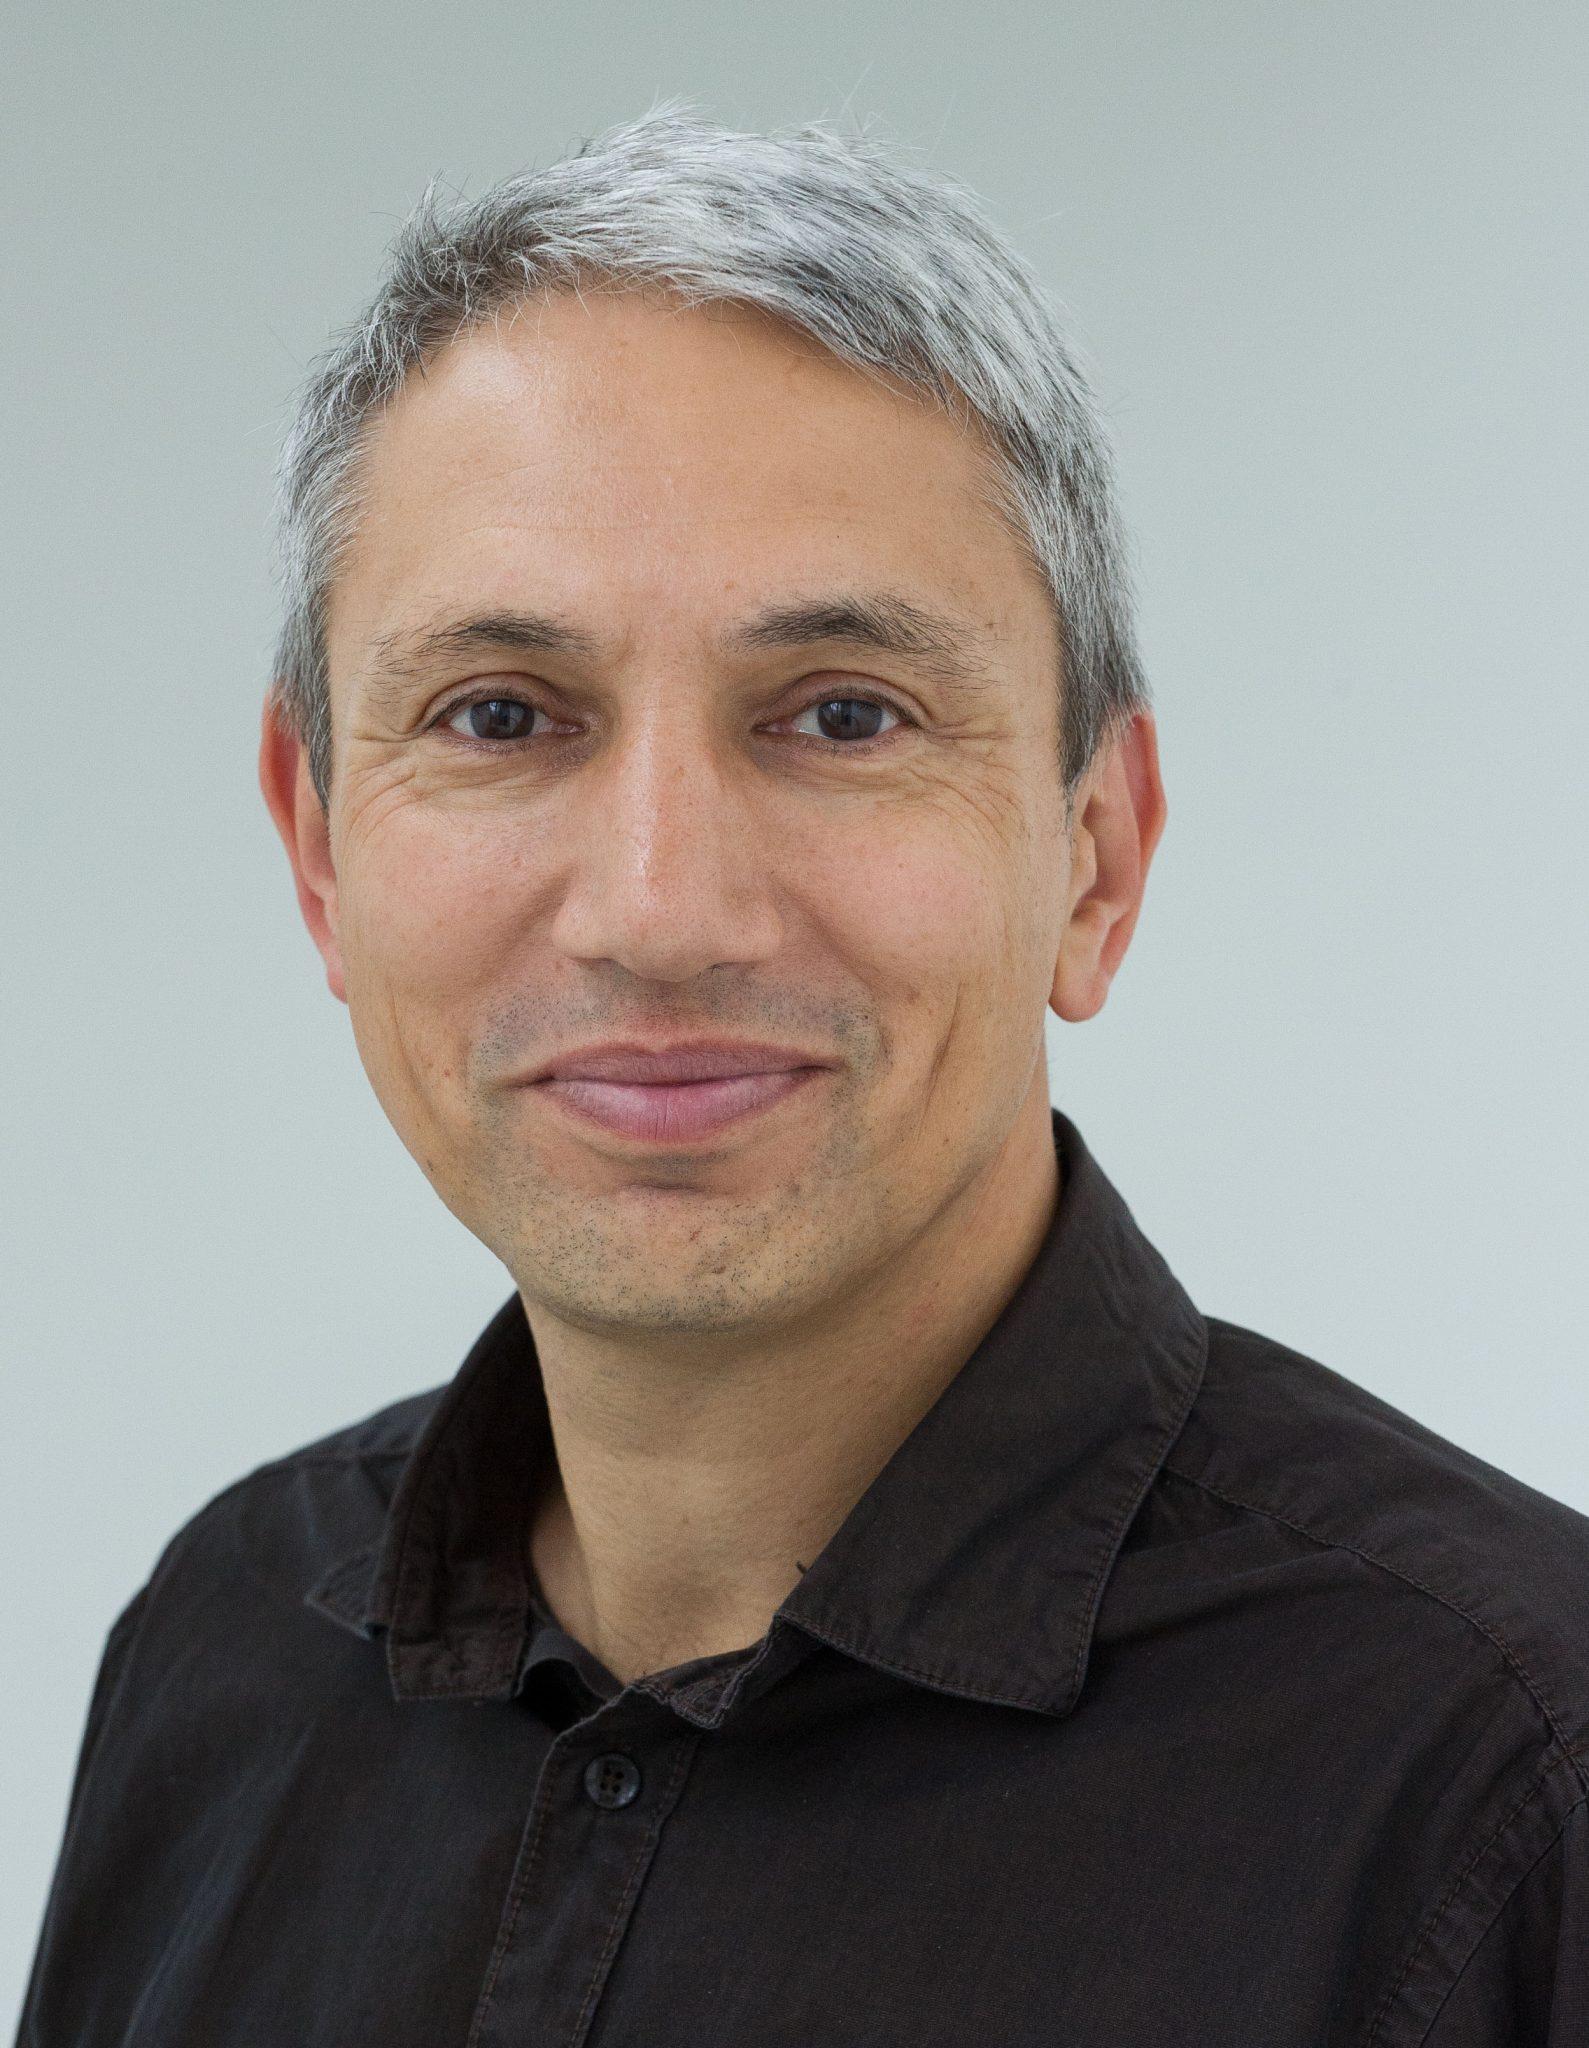 DR SIMON KAY PhD